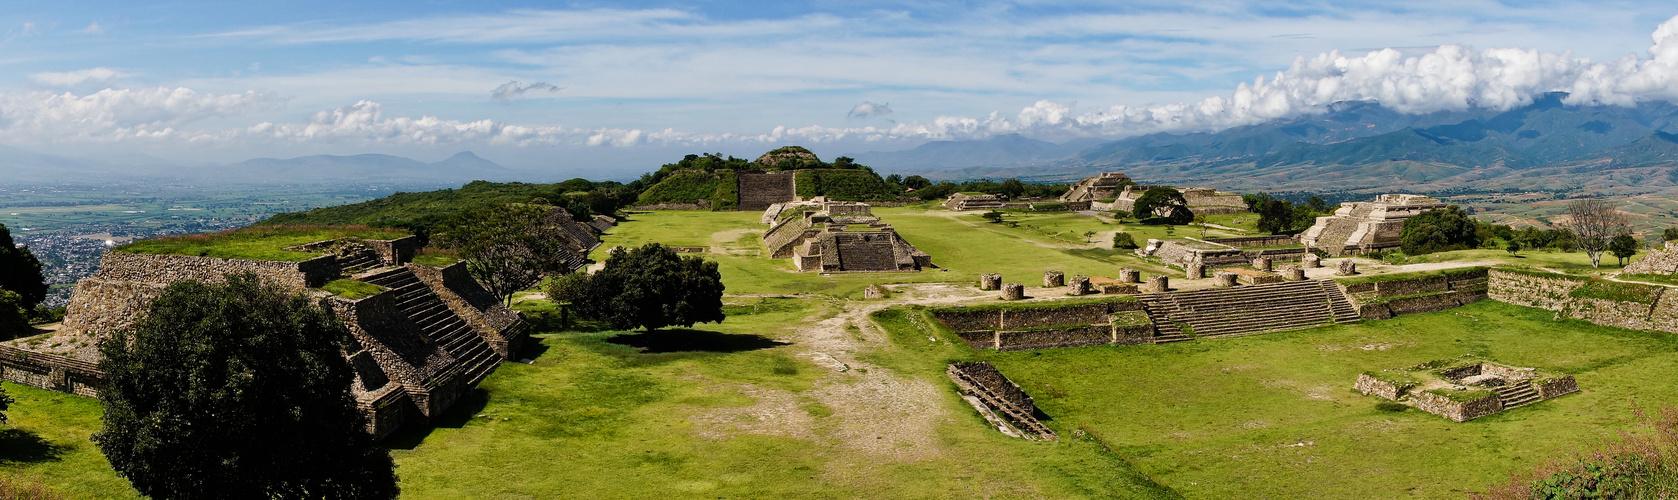 Mexiko - Monte Alban